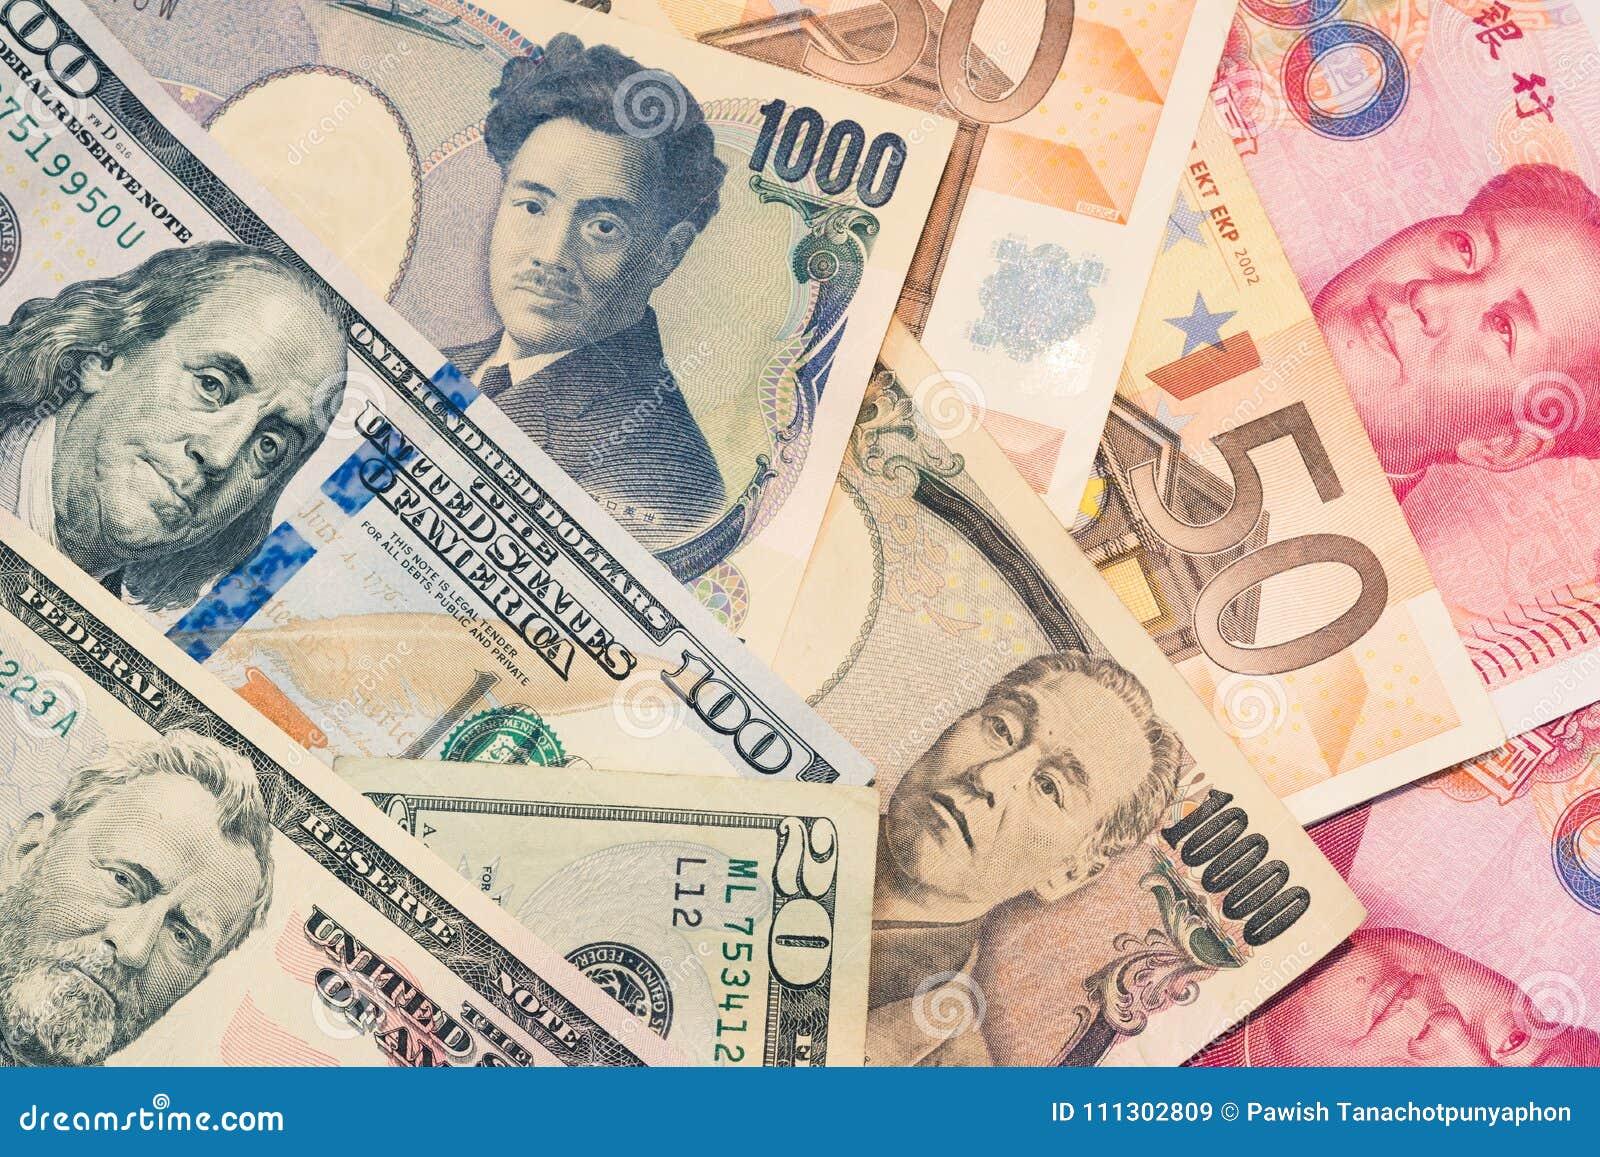 Moedas e troca de dinheiro e conceitos de troca internacionais